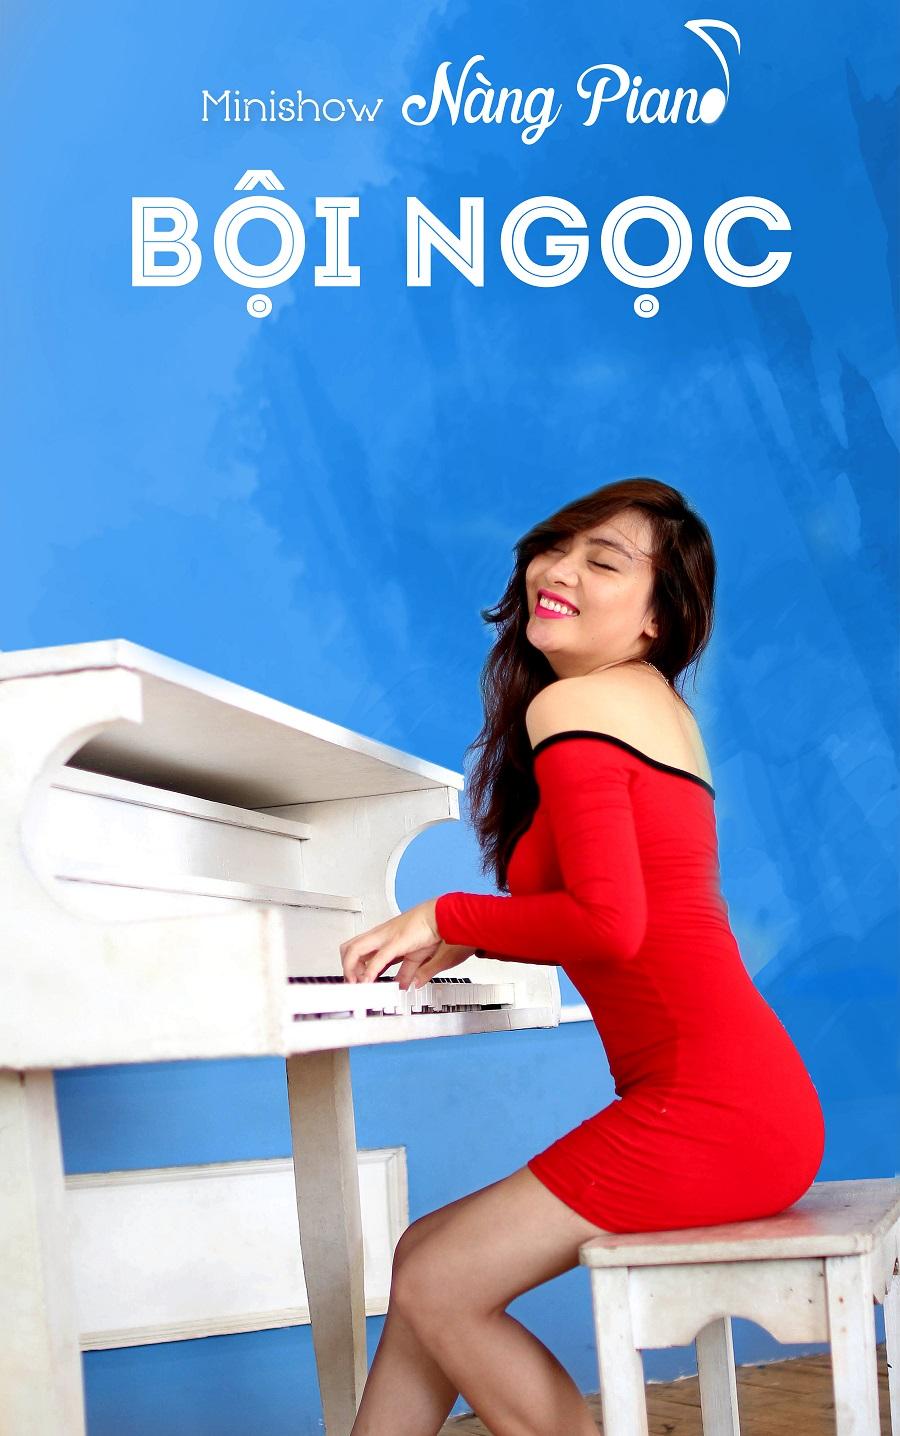 Boi Ngoc Piano misnishow